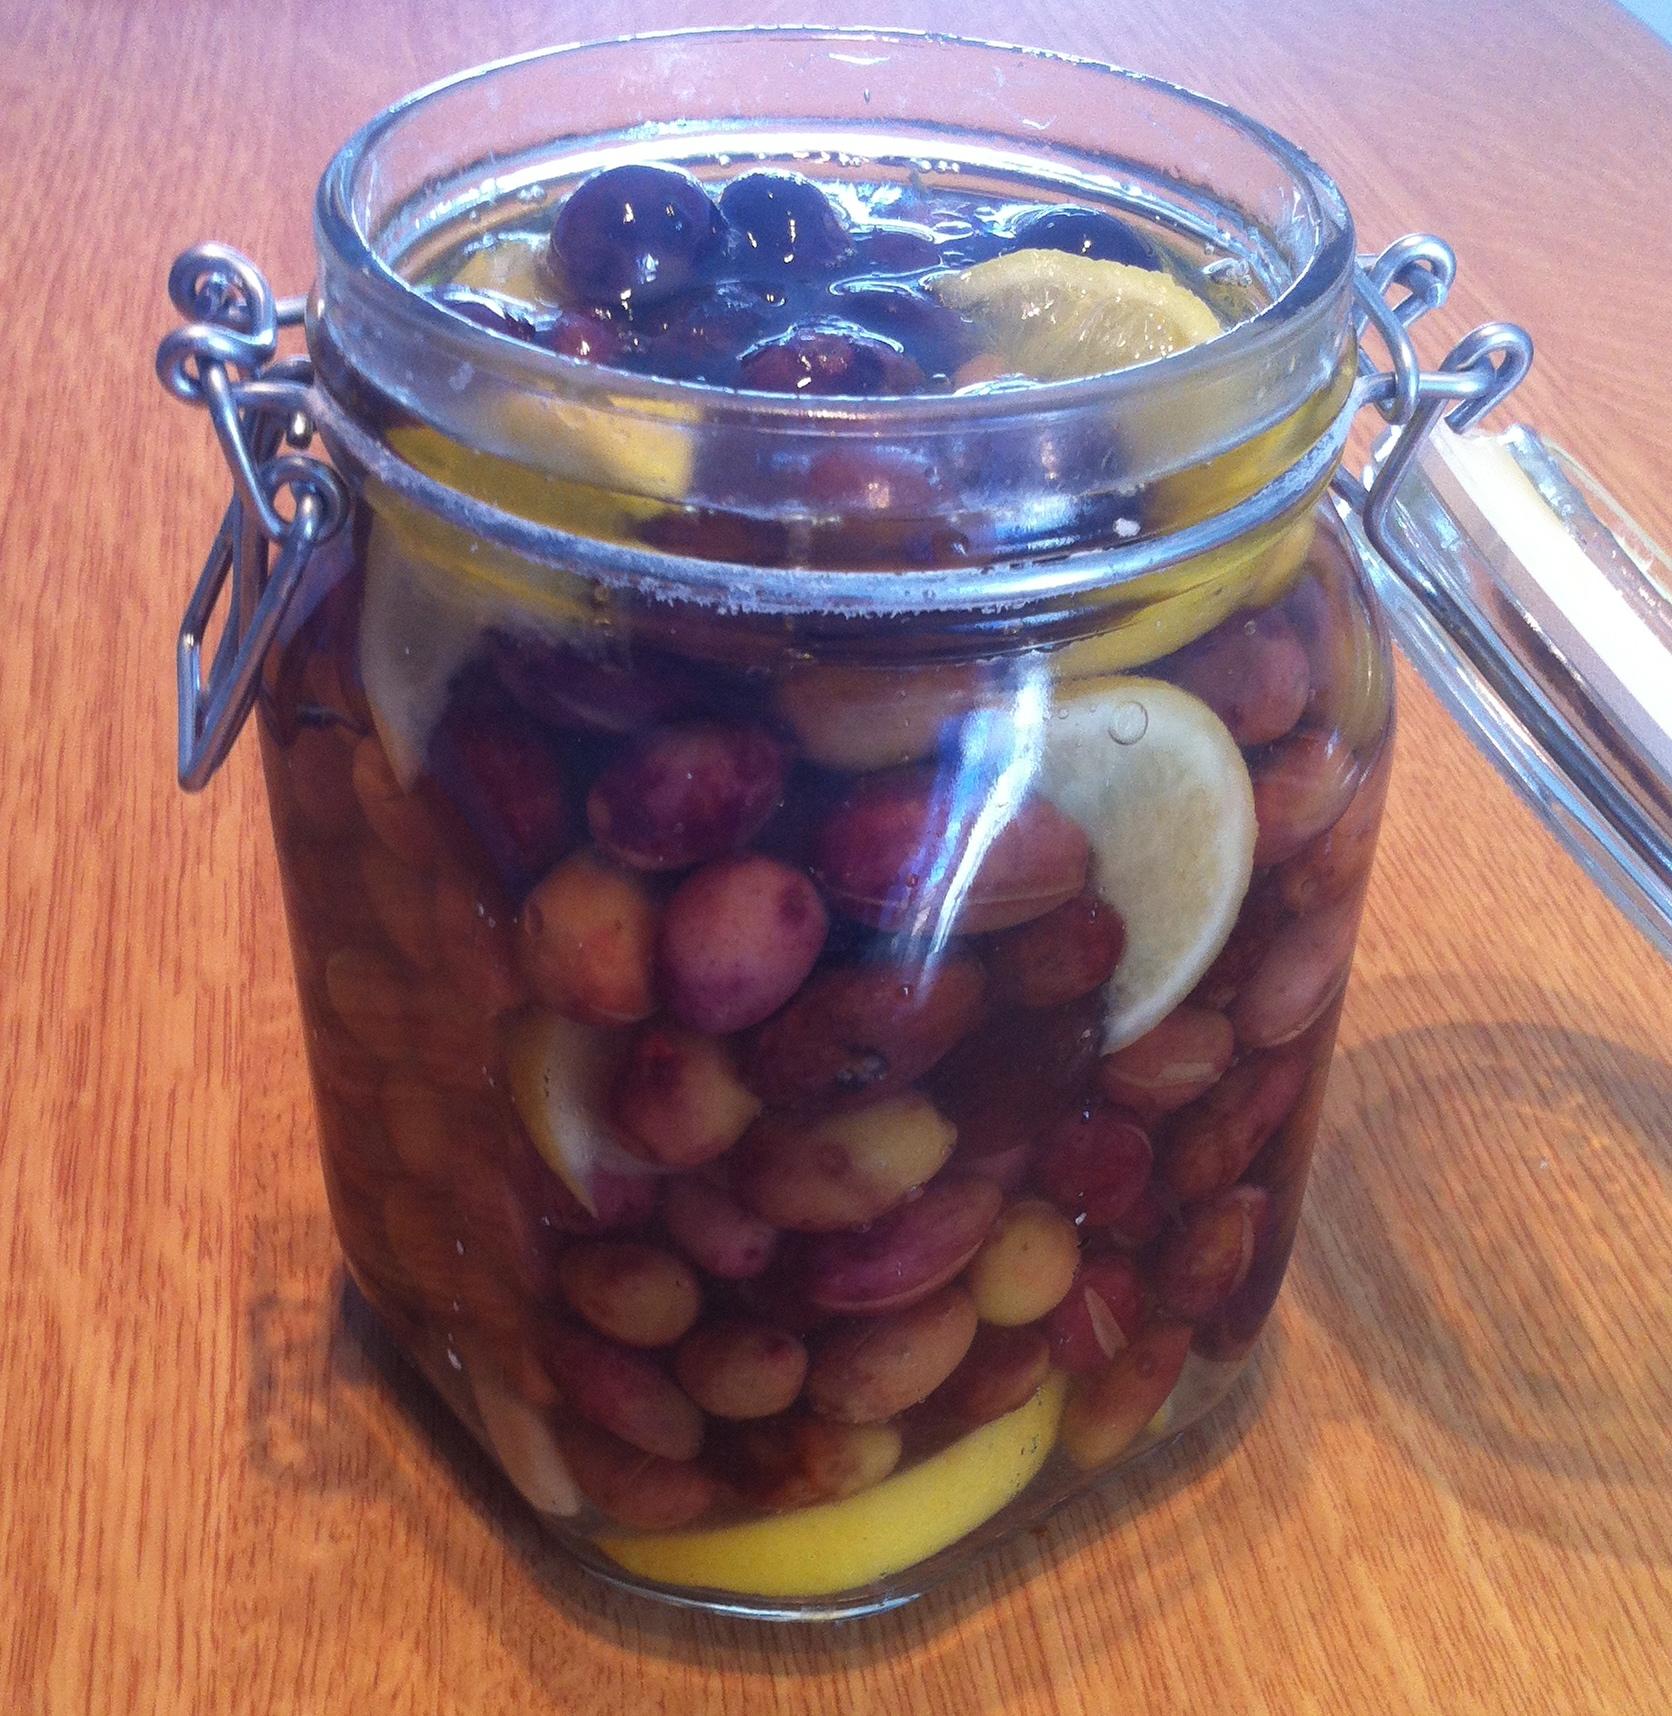 Magdi's pickled olives